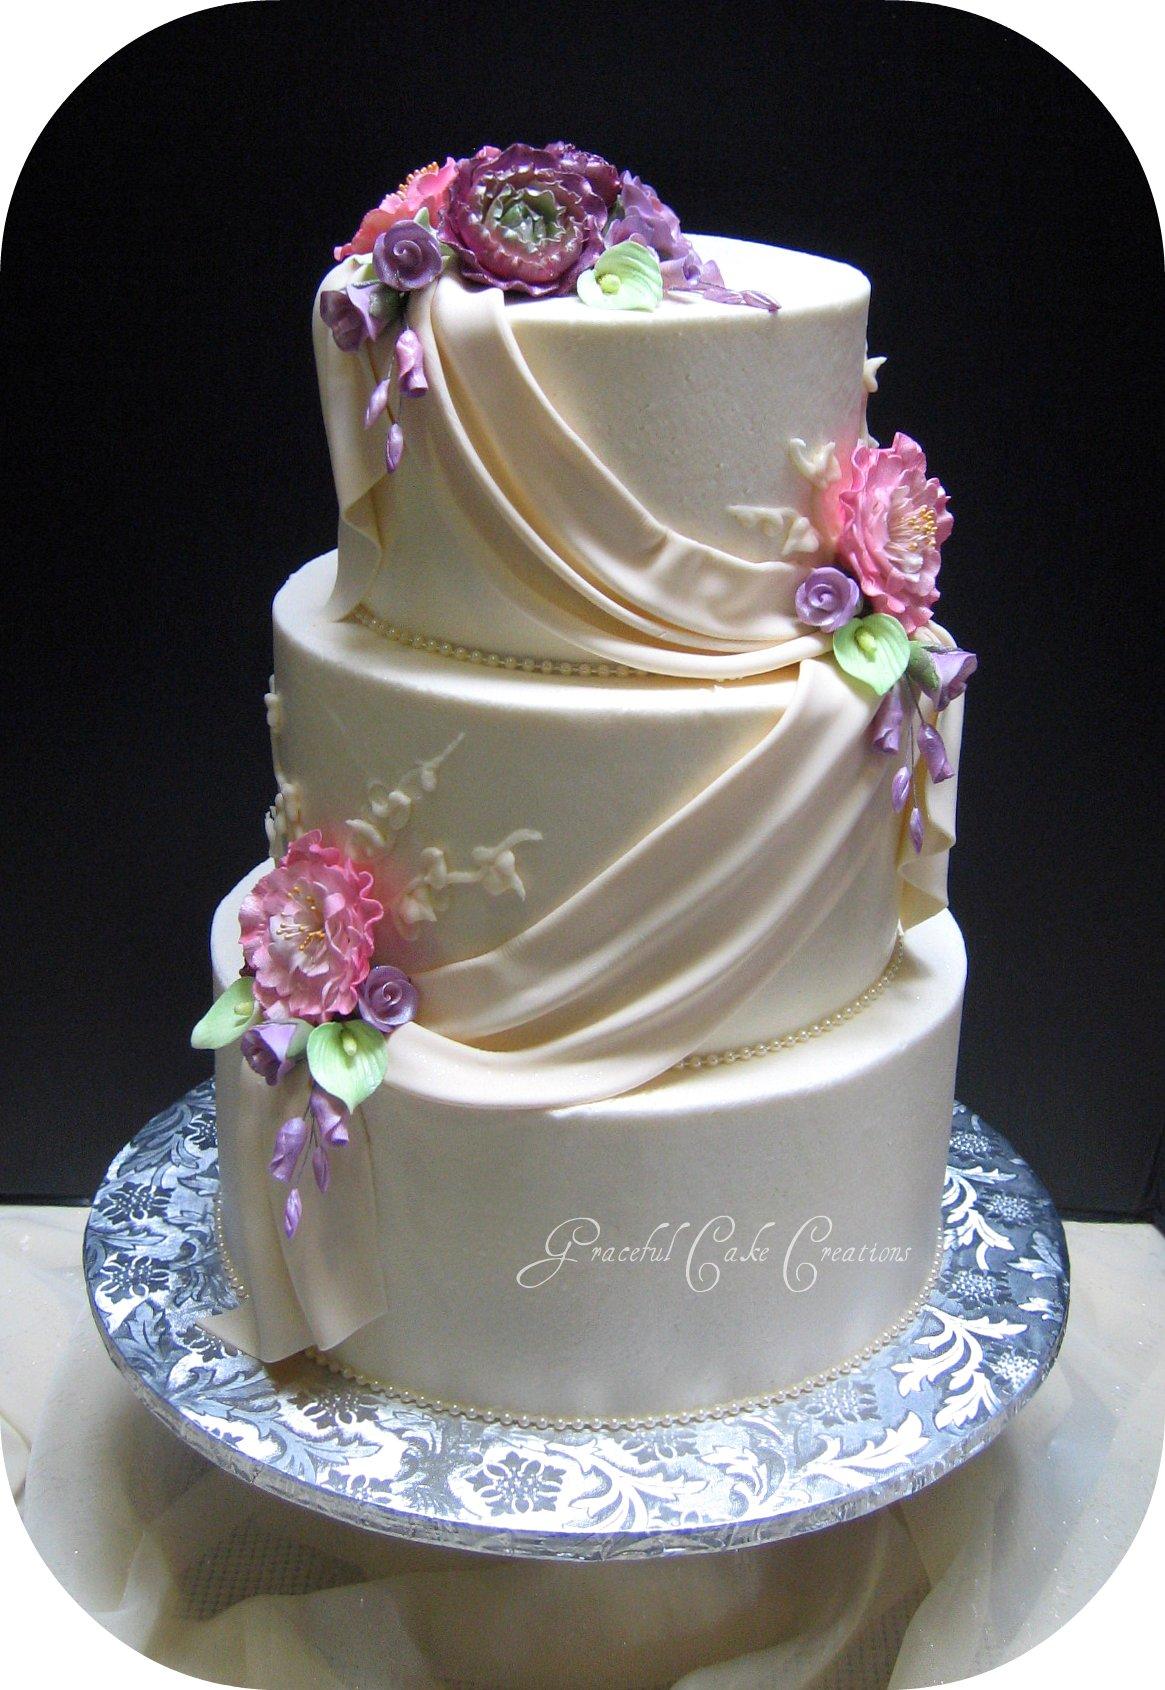 Elegant Ivory Wedding Cake with Fondant Swags